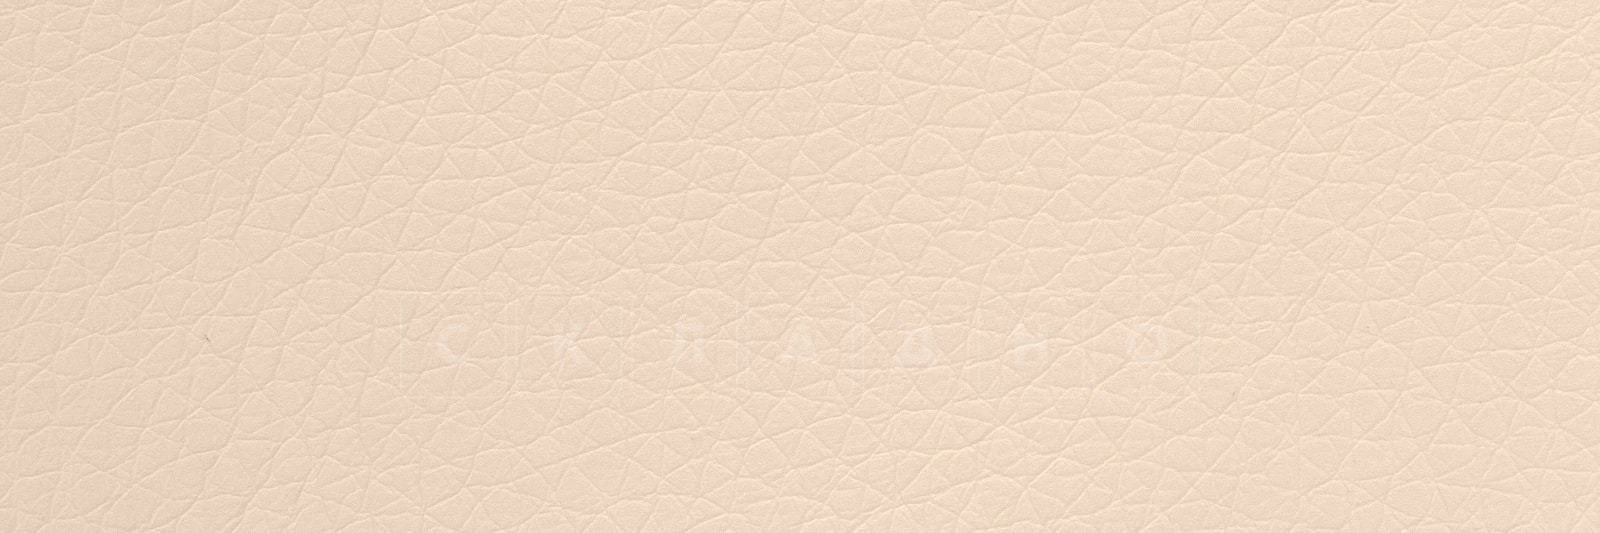 Кресло Бристоль кожаное бежевого цвета фото 8 | интернет-магазин Складно